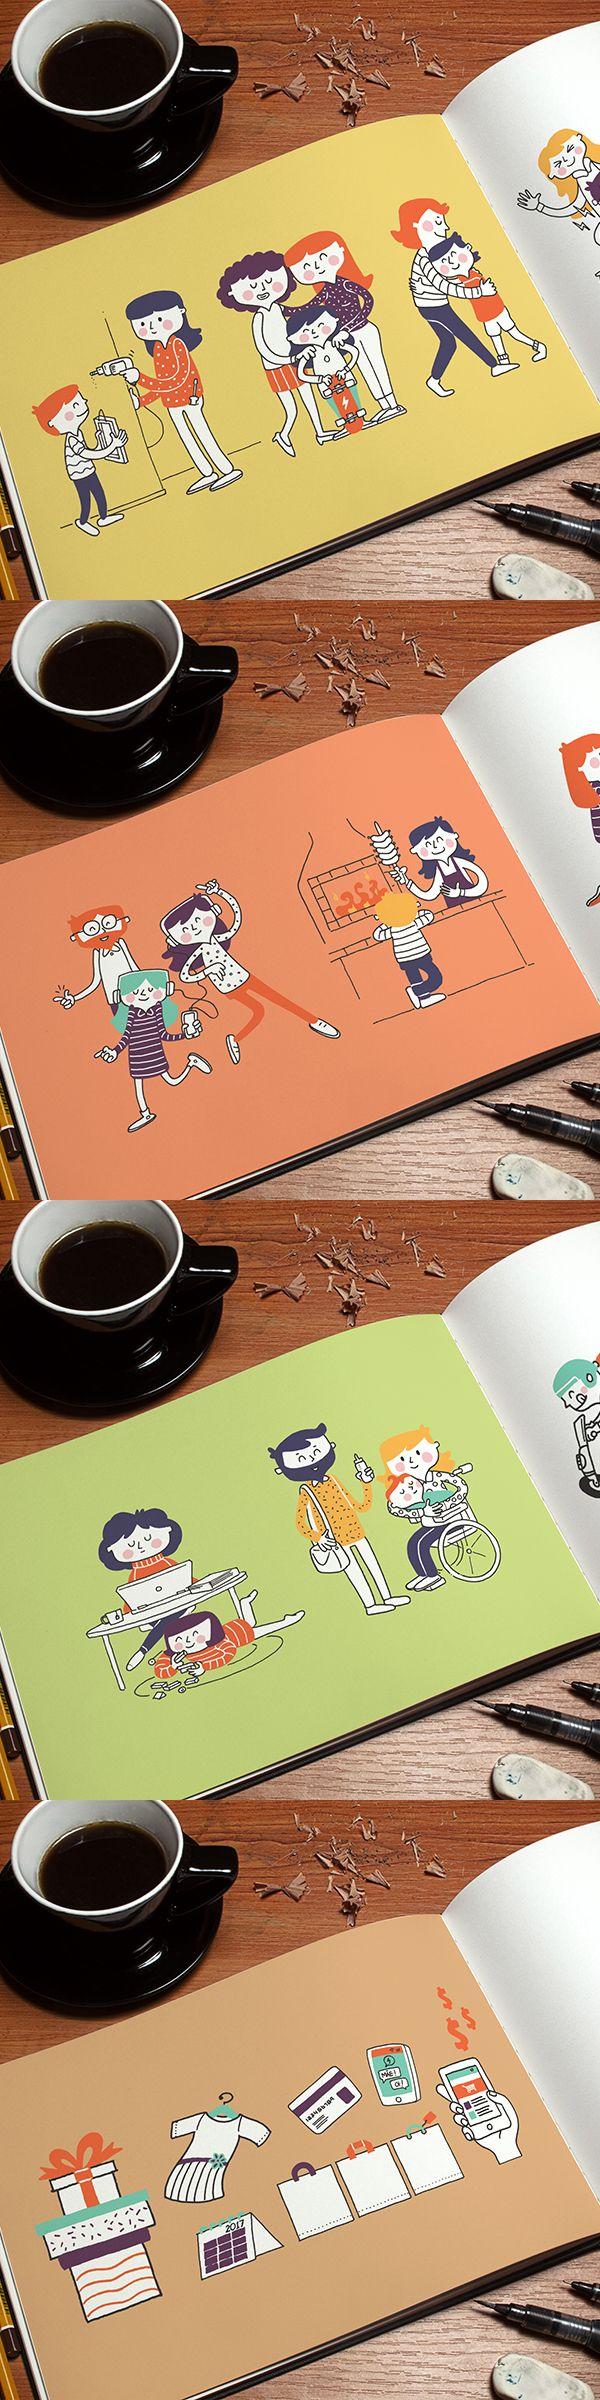 Ilustrações Dia das Mães 2017 - Sindilojas/CDL - 2017©Giovanni Tavares Pereira - www.giopereira.com.br